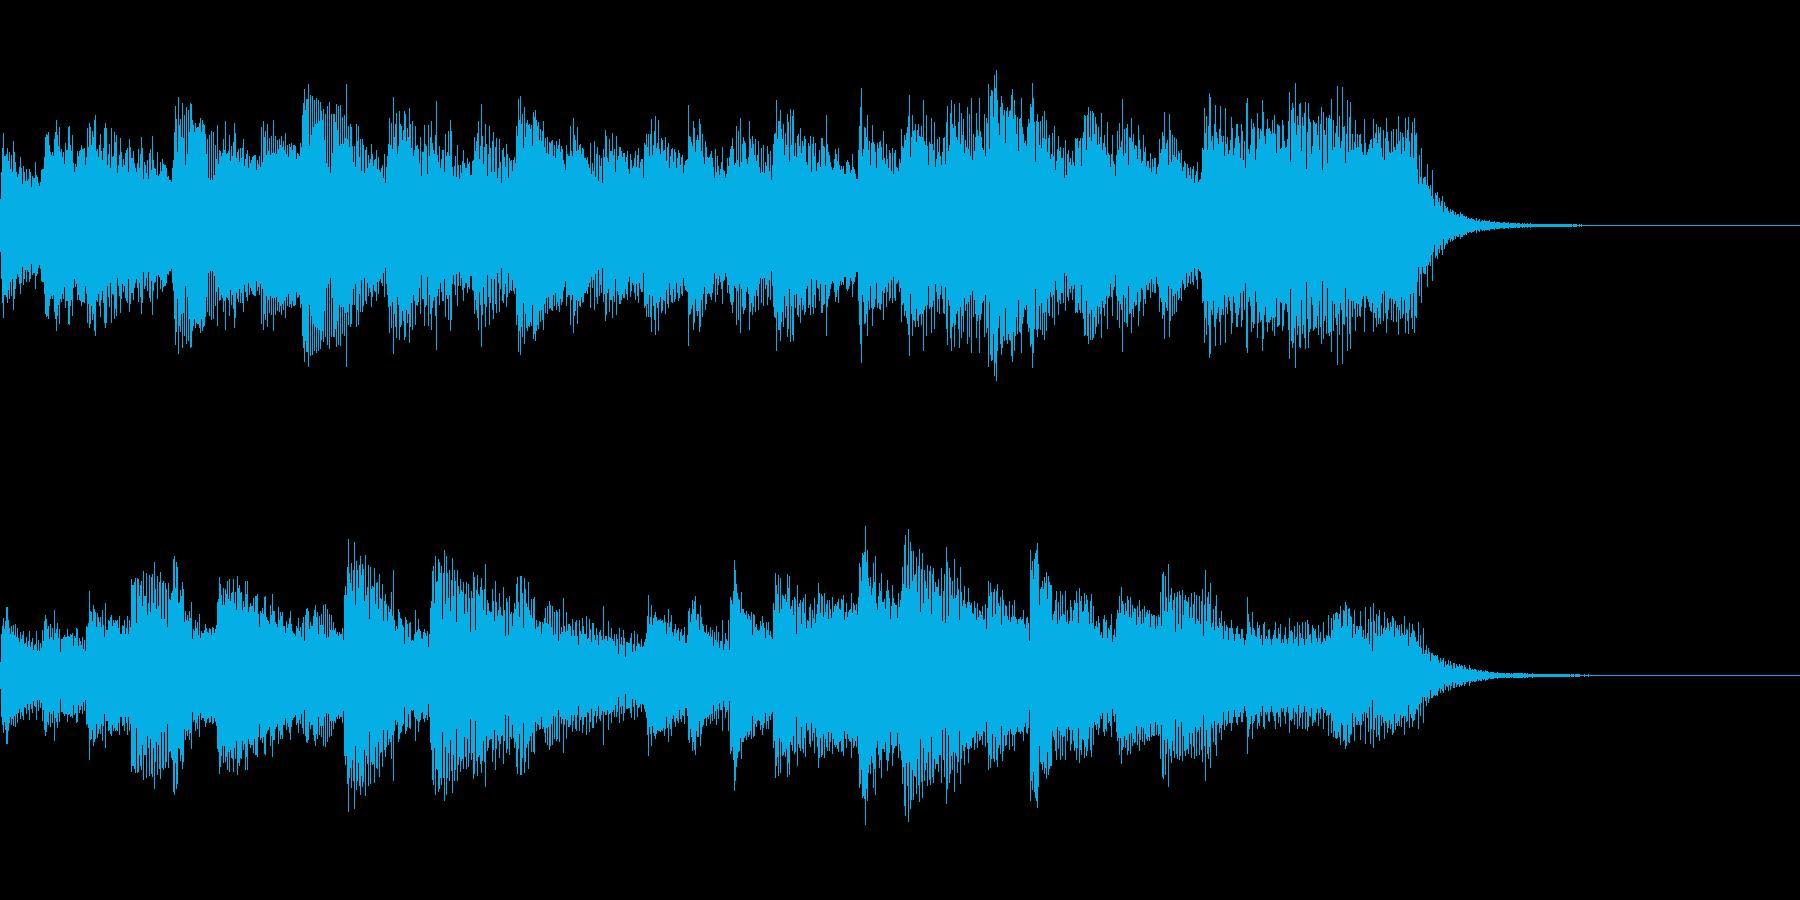 しっとり穏やかなピアノジングルの再生済みの波形